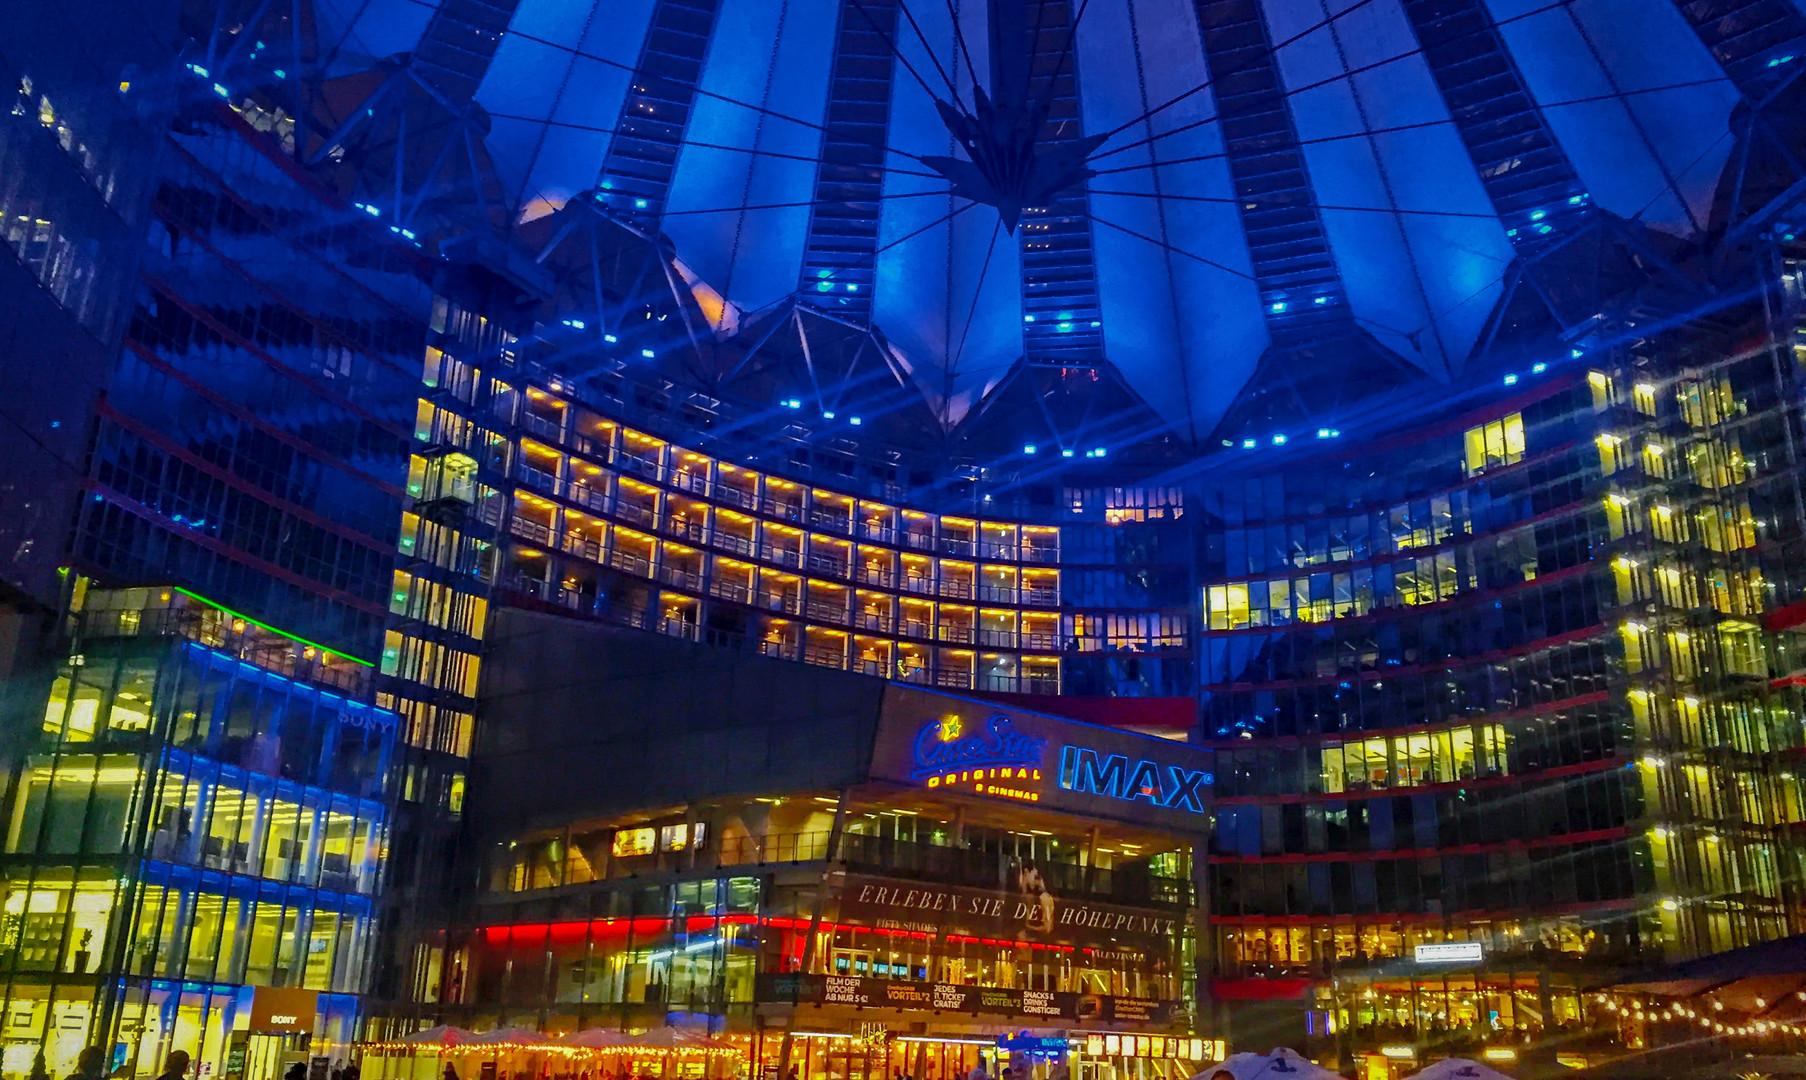 Сони Центр, Берлин